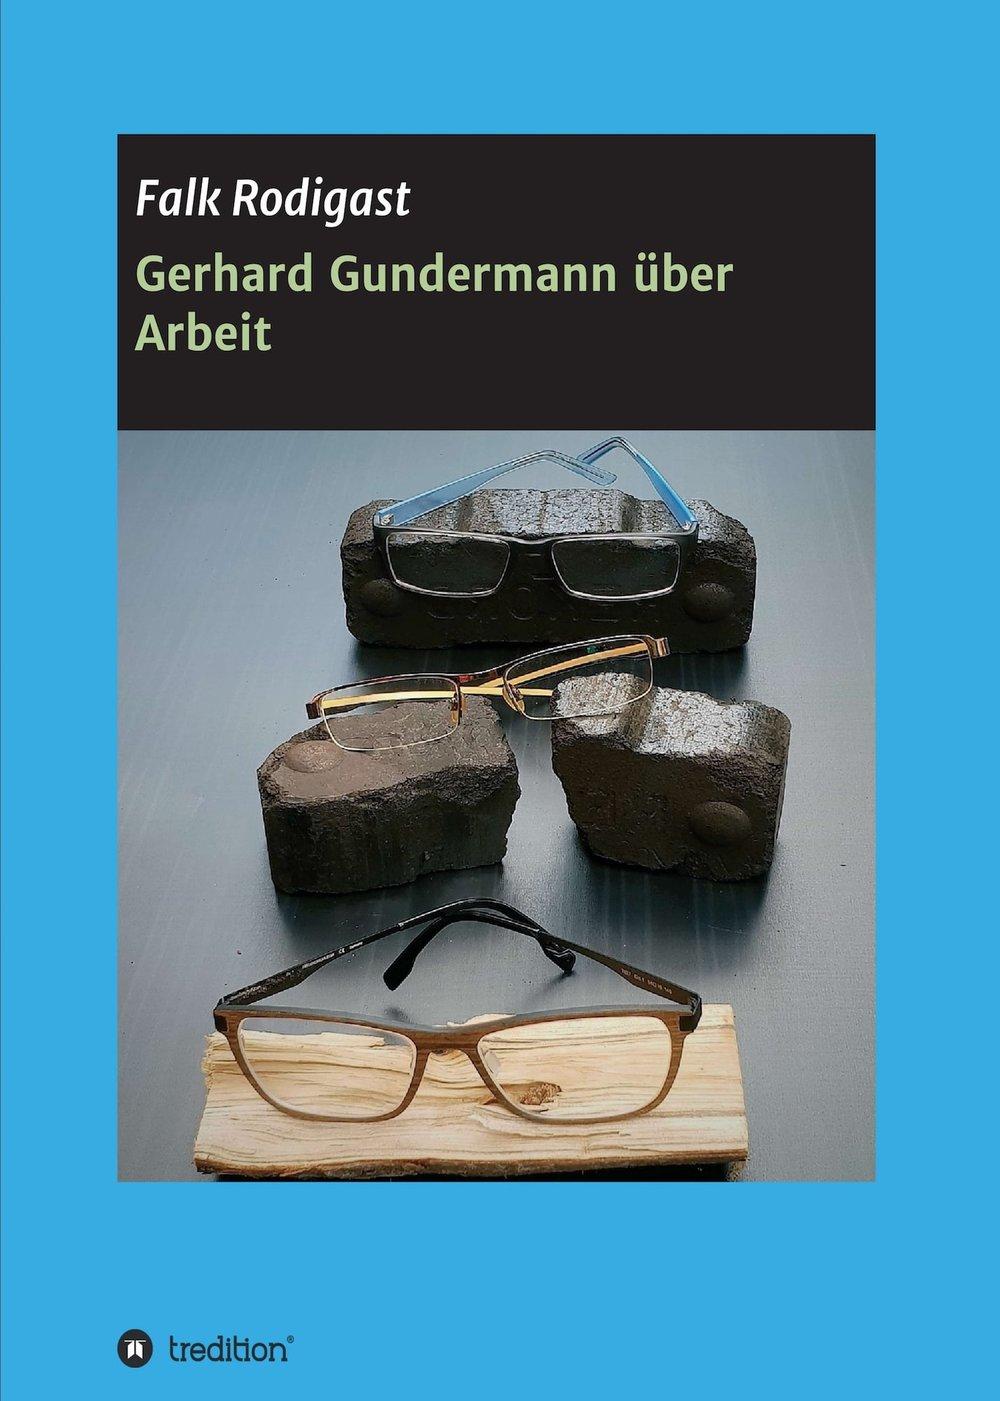 gerhard-gundermann-ueber-arbeit.jpg